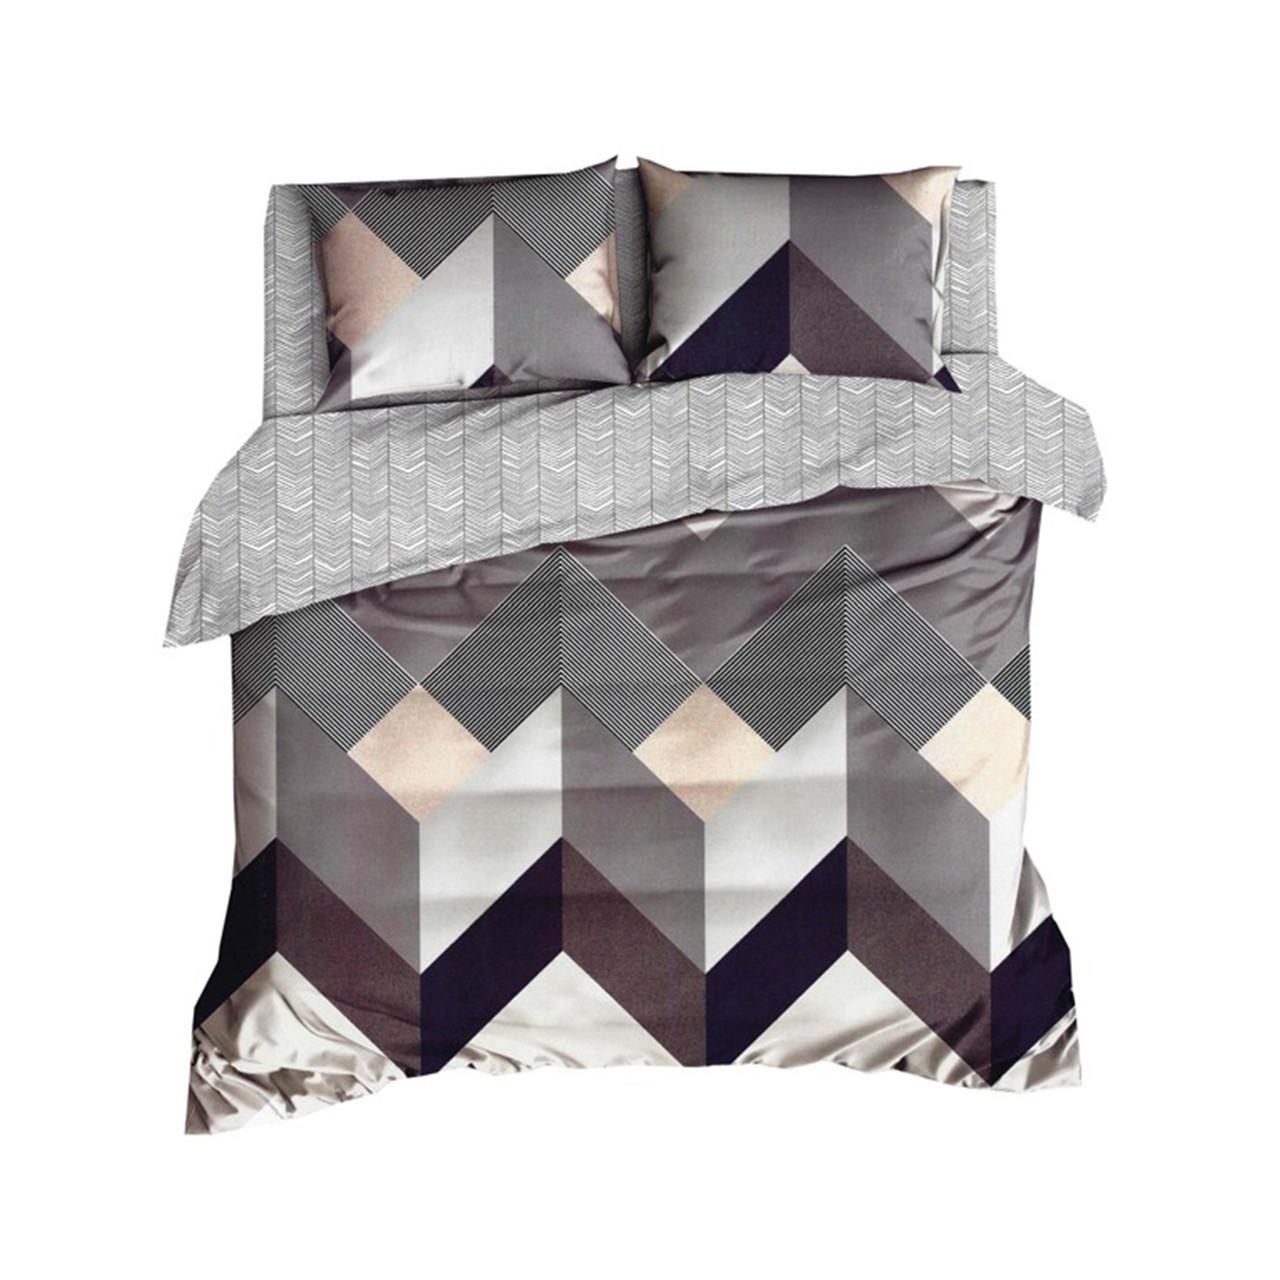 Комплект постельного белья Микроволокно HXDD-449 С геометричным узором M&M 7422